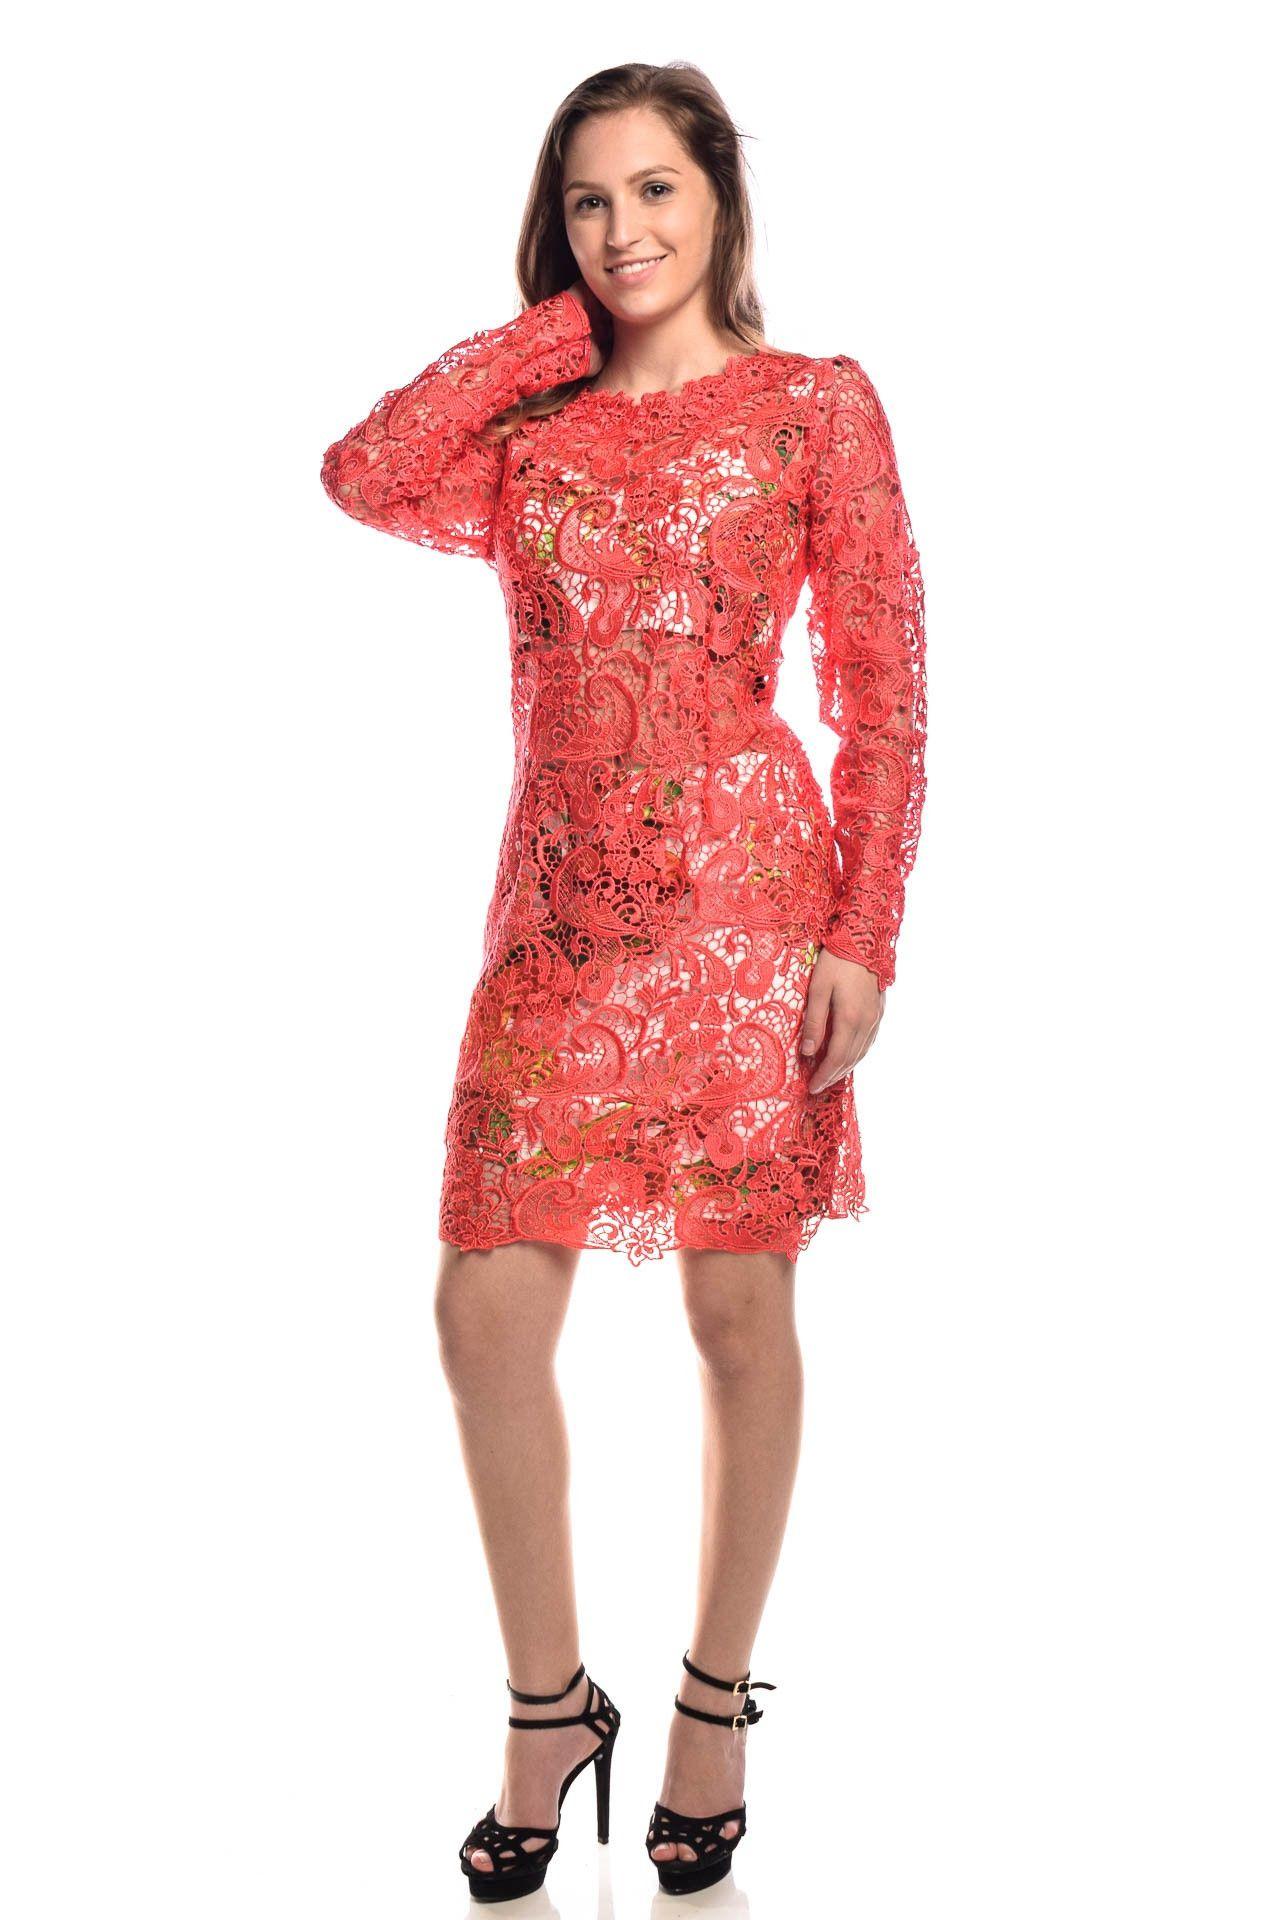 Fabulous Agilità - Conjunto Vestido Renda Coral - Foto 3